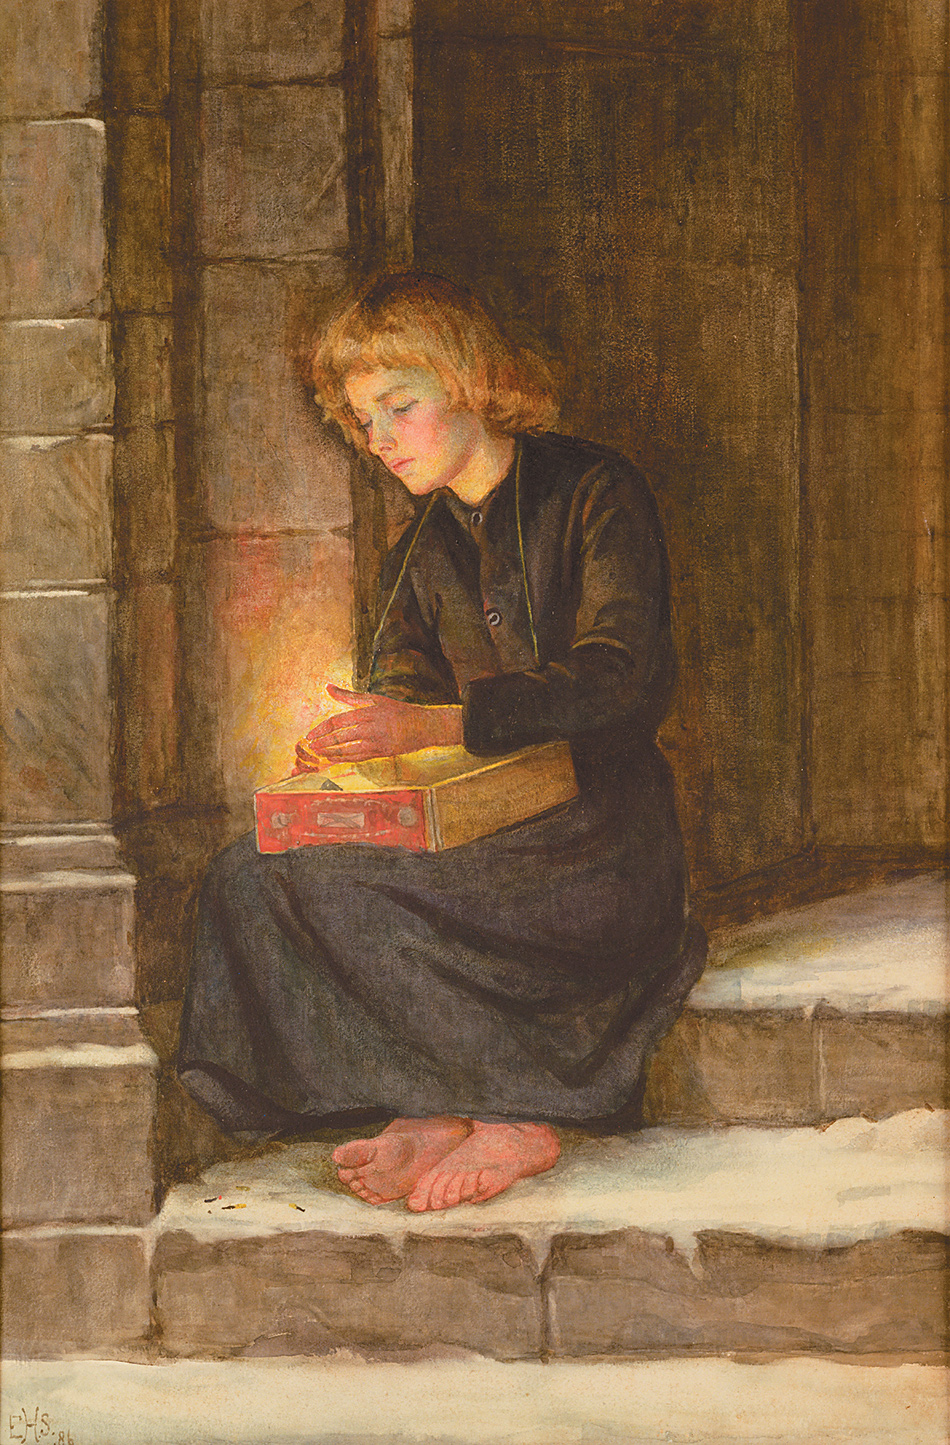 Edith Heckstall Smith: The Match Girl, circa 1884–1890